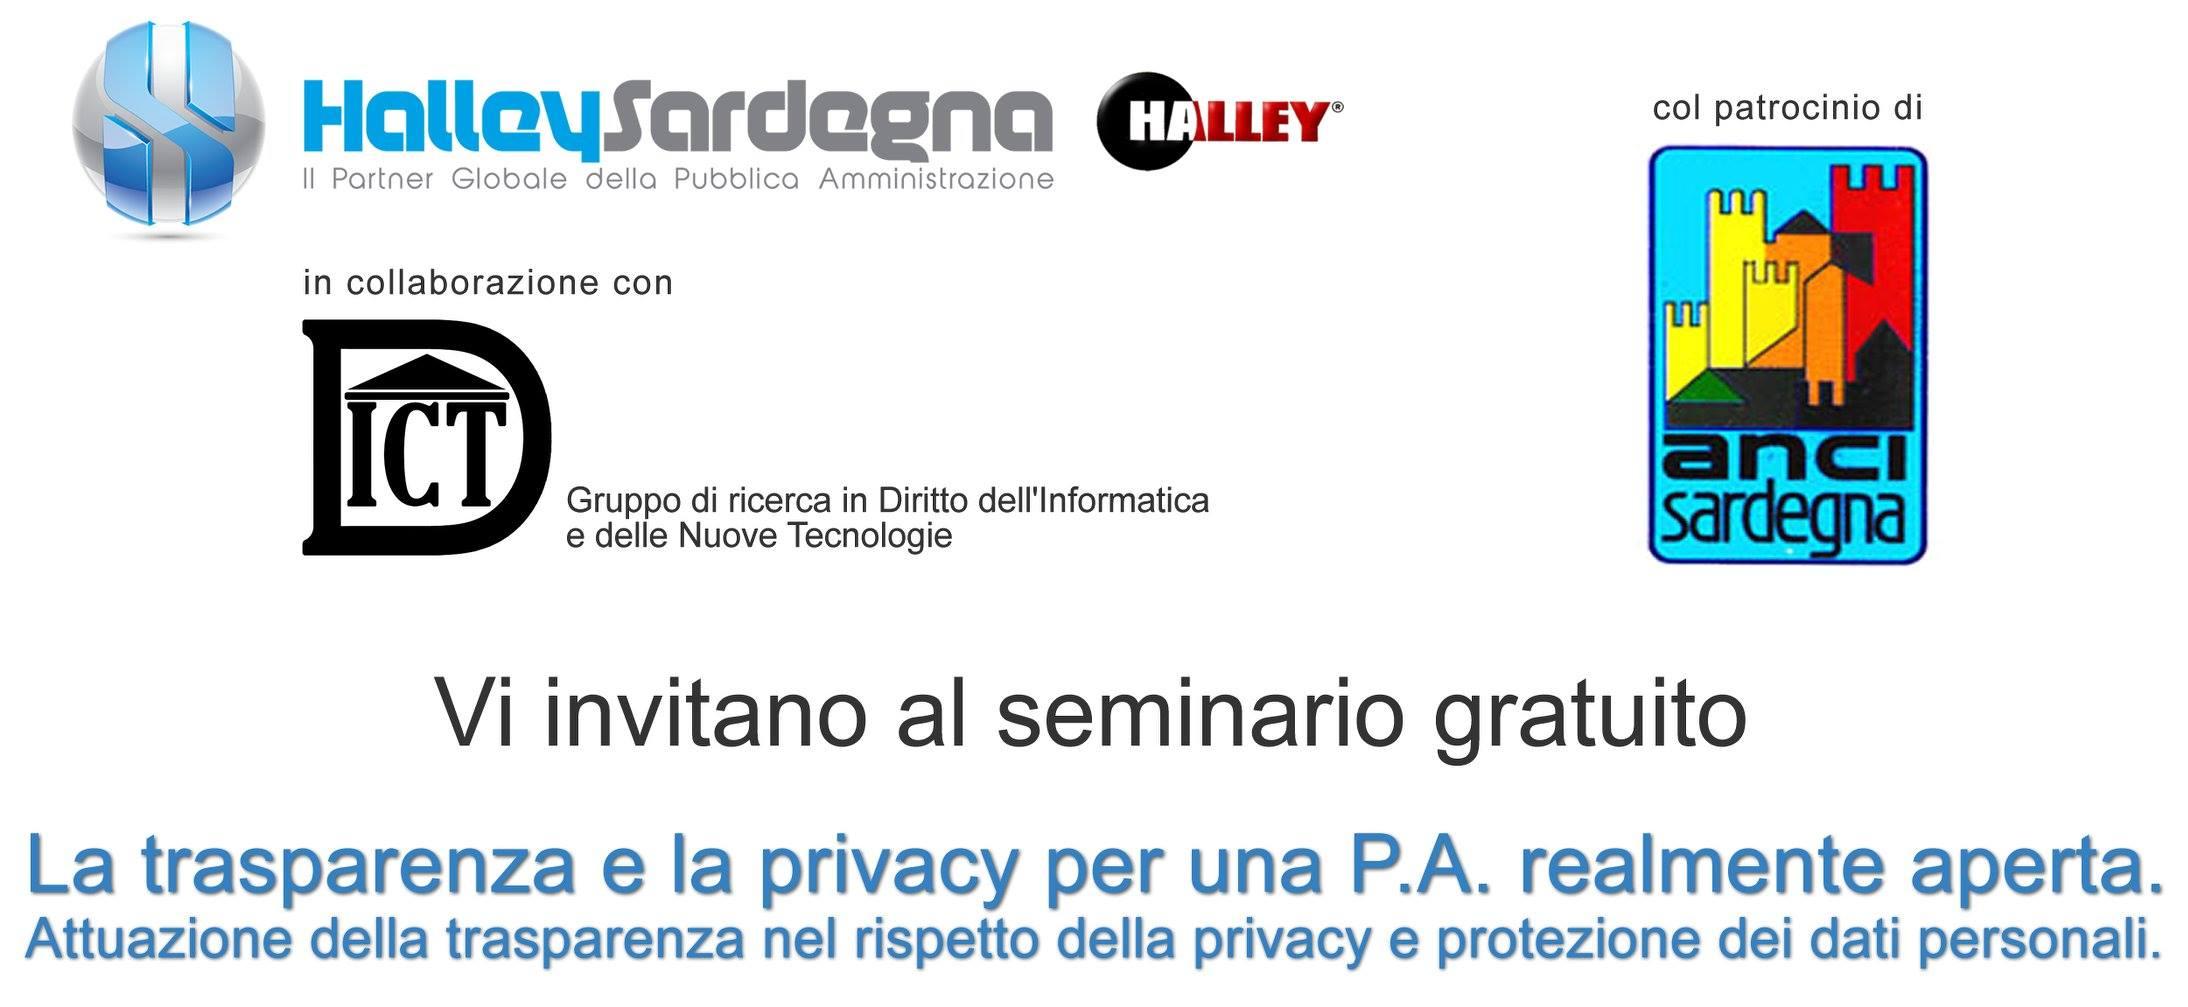 La trasparenza e la privacy per una P.A.